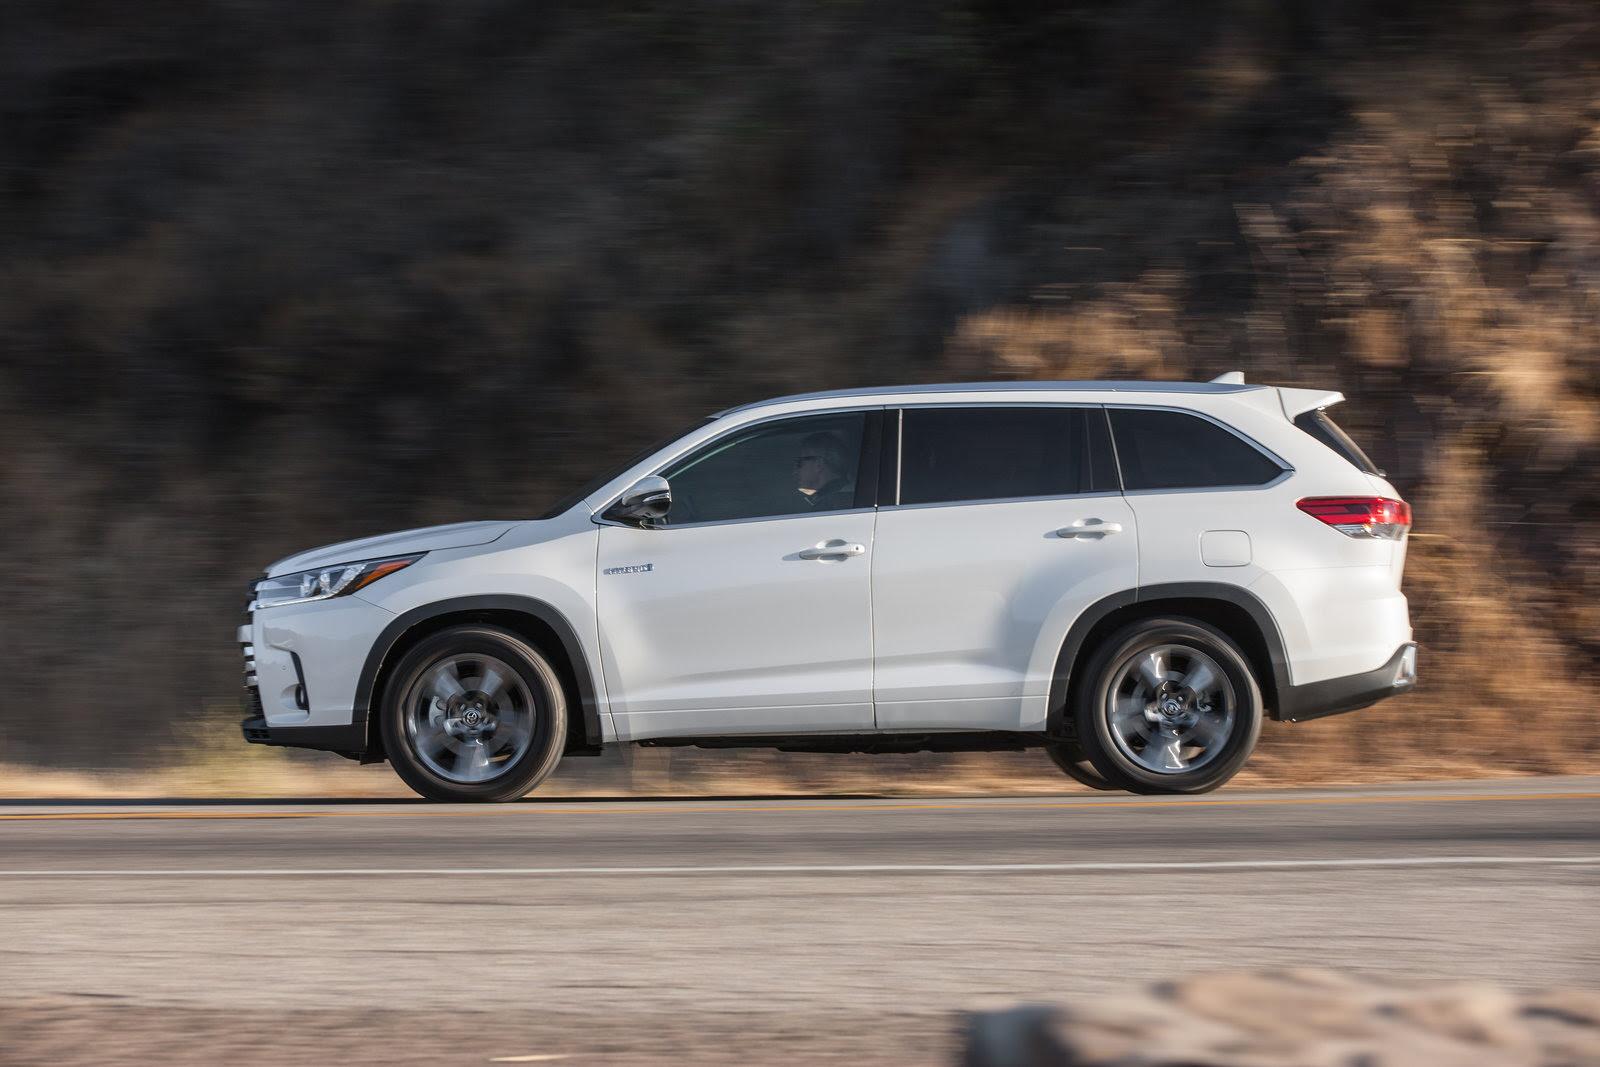 2018 Toyota Highlander Hybrid Deals, Prices, Incentives ...